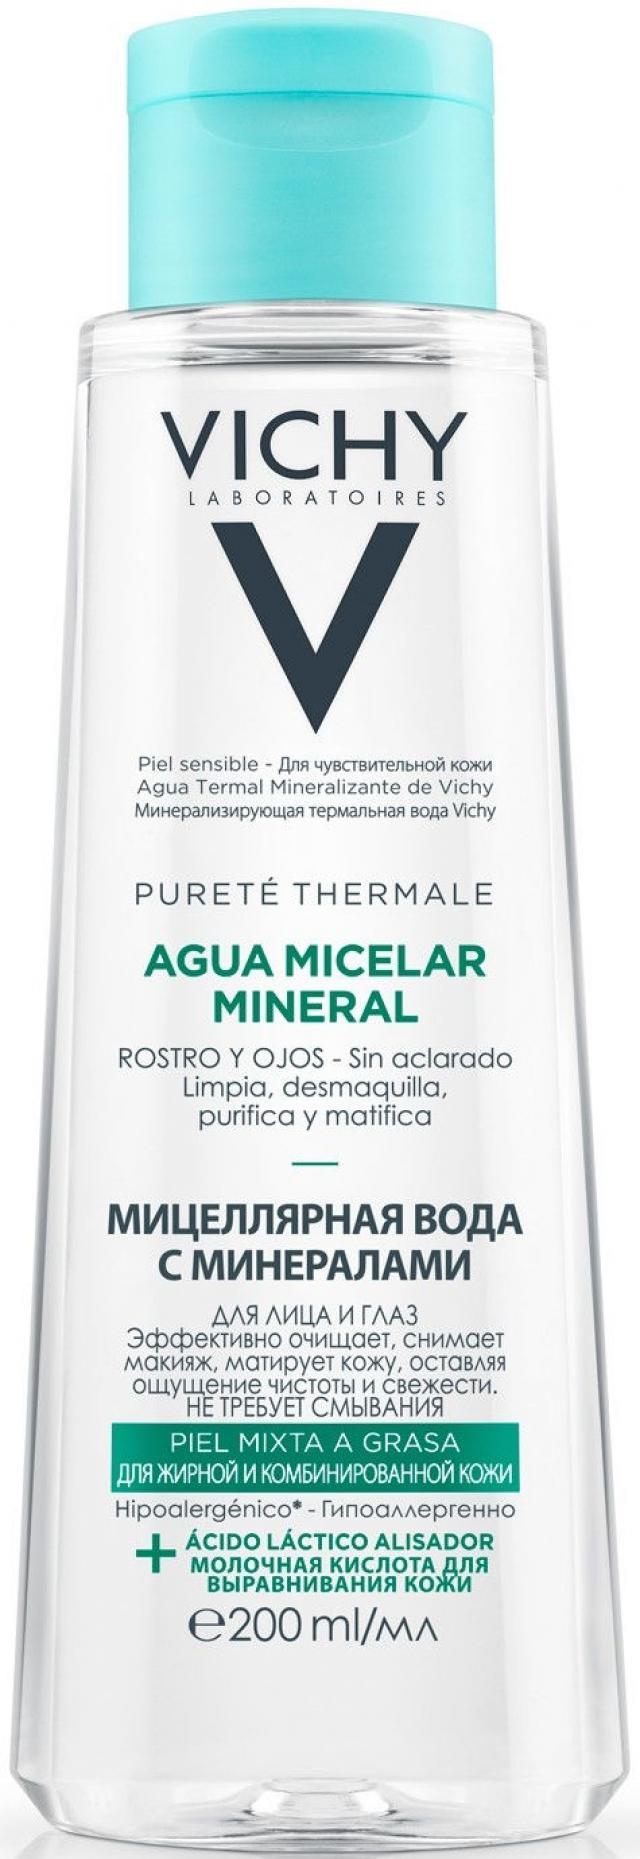 Виши Пюрте Термаль вода мицеллярная для жирной и комбинированной кожи 200мл купить в Москве по цене от 891 рублей